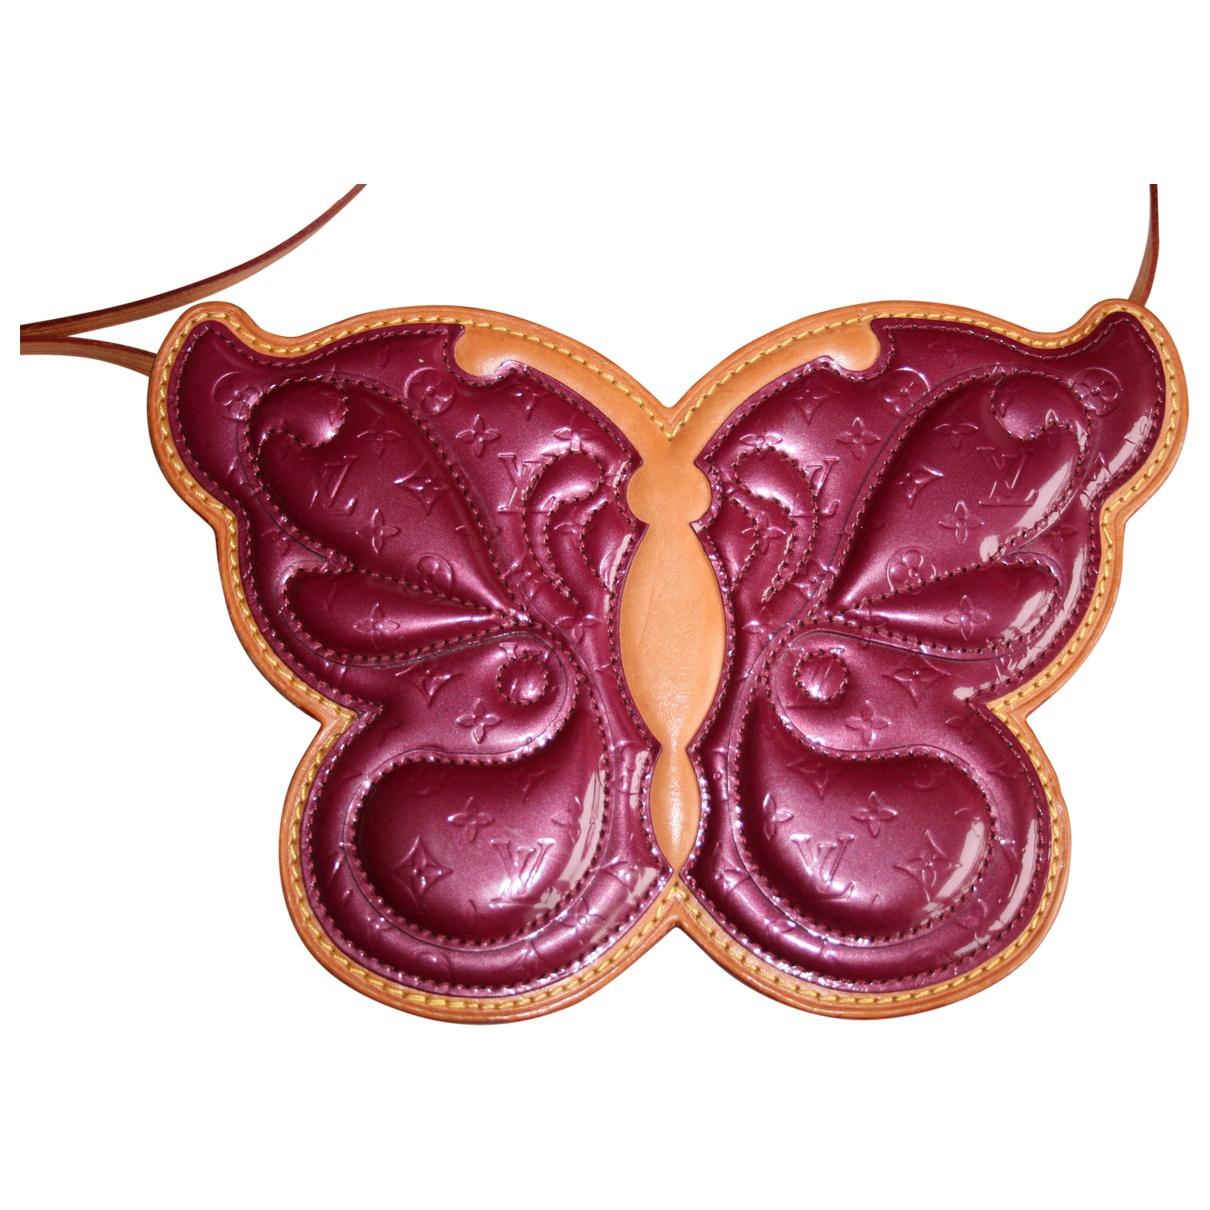 Louis Vuitton - Sac a main   pour femme en cuir verni